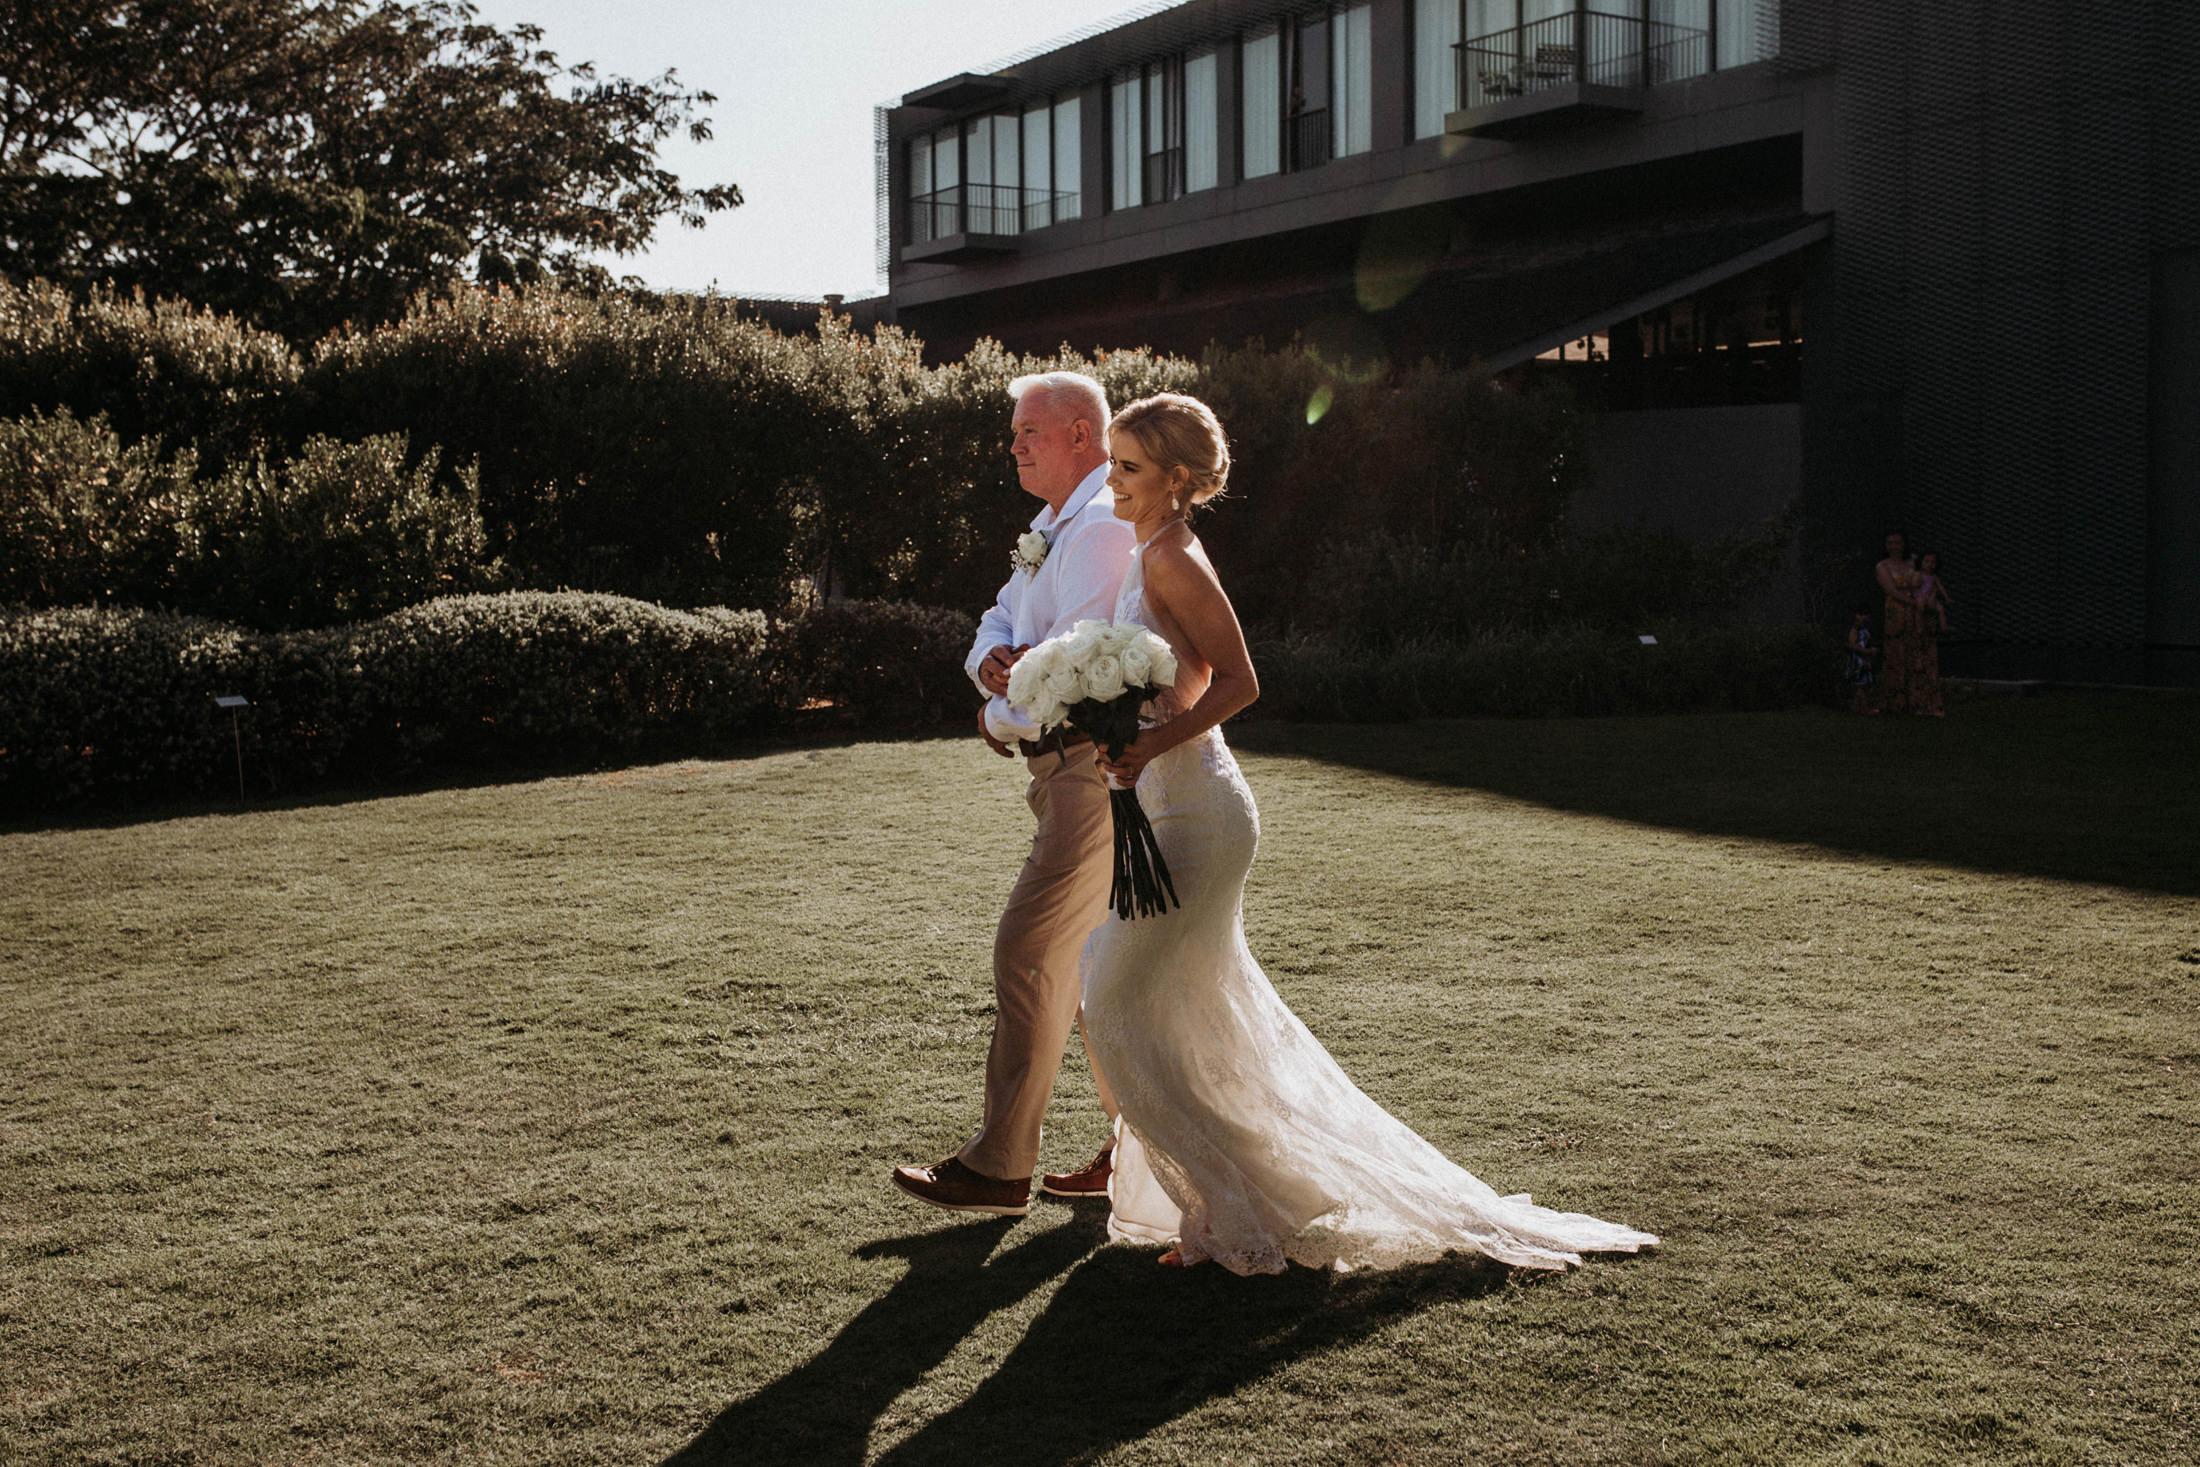 DanielaMarquardt_Wedding_Thailand_223